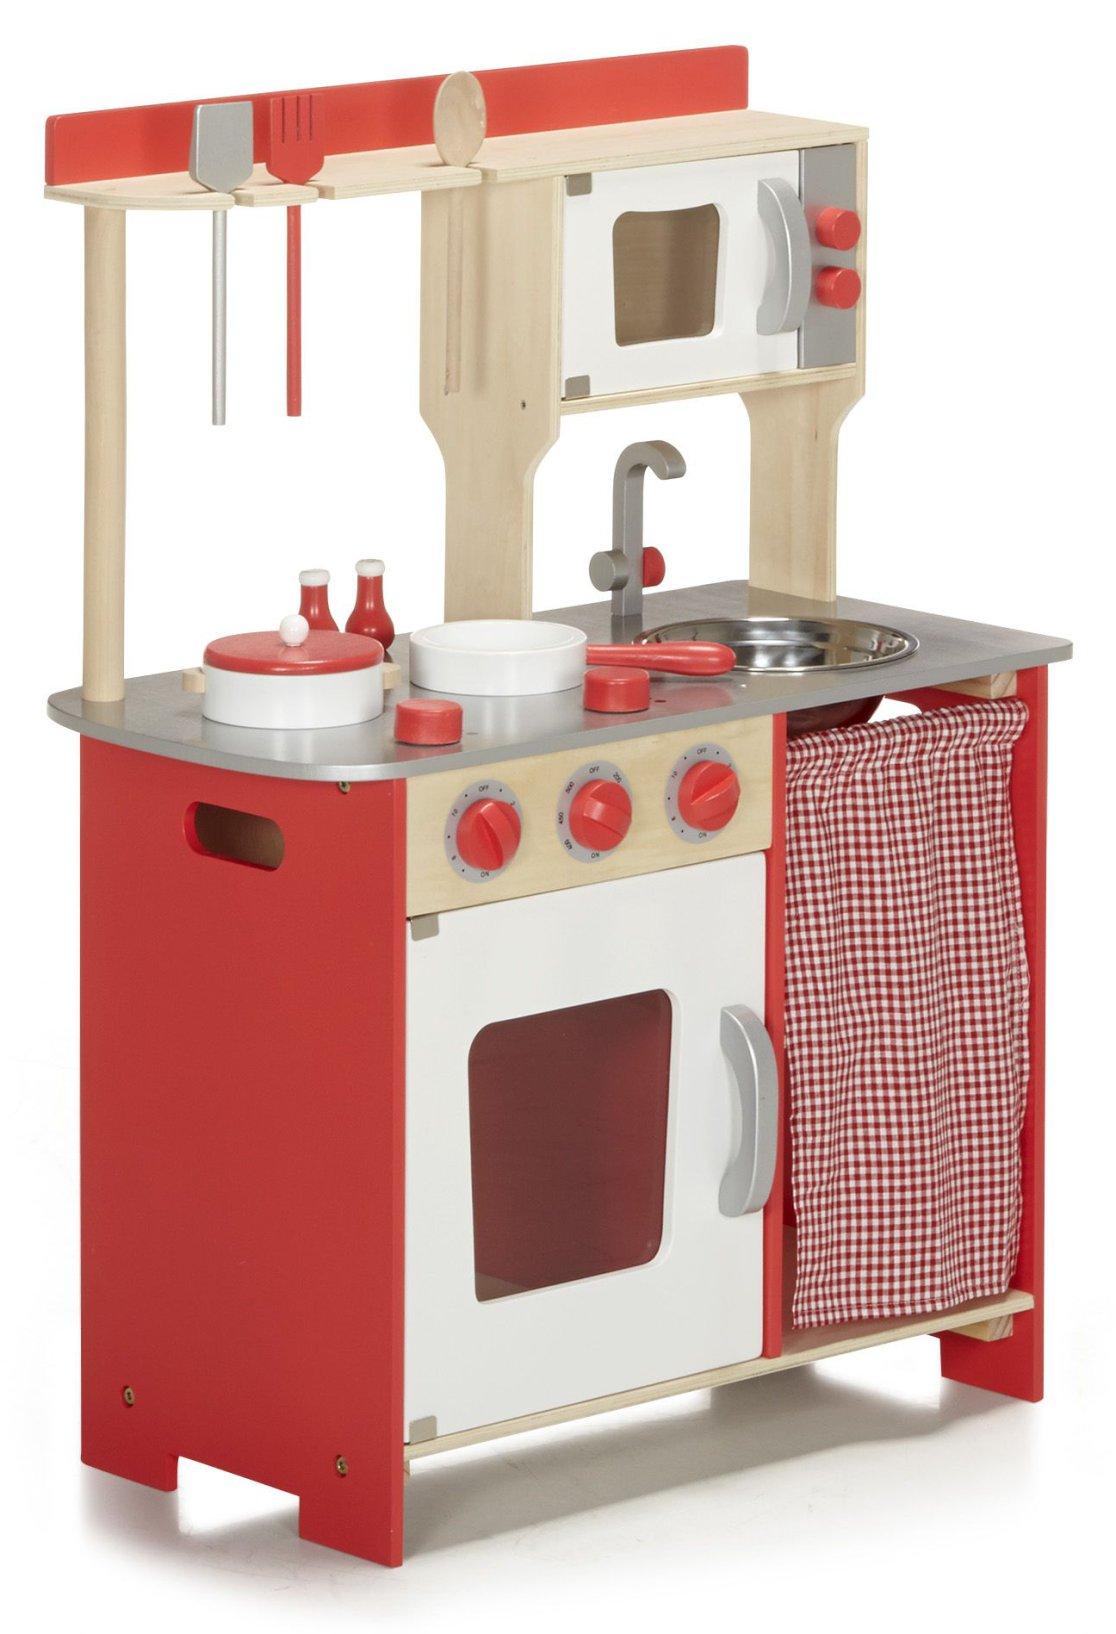 quels sont les avantages de la cuisine en bois pour enfant. Black Bedroom Furniture Sets. Home Design Ideas